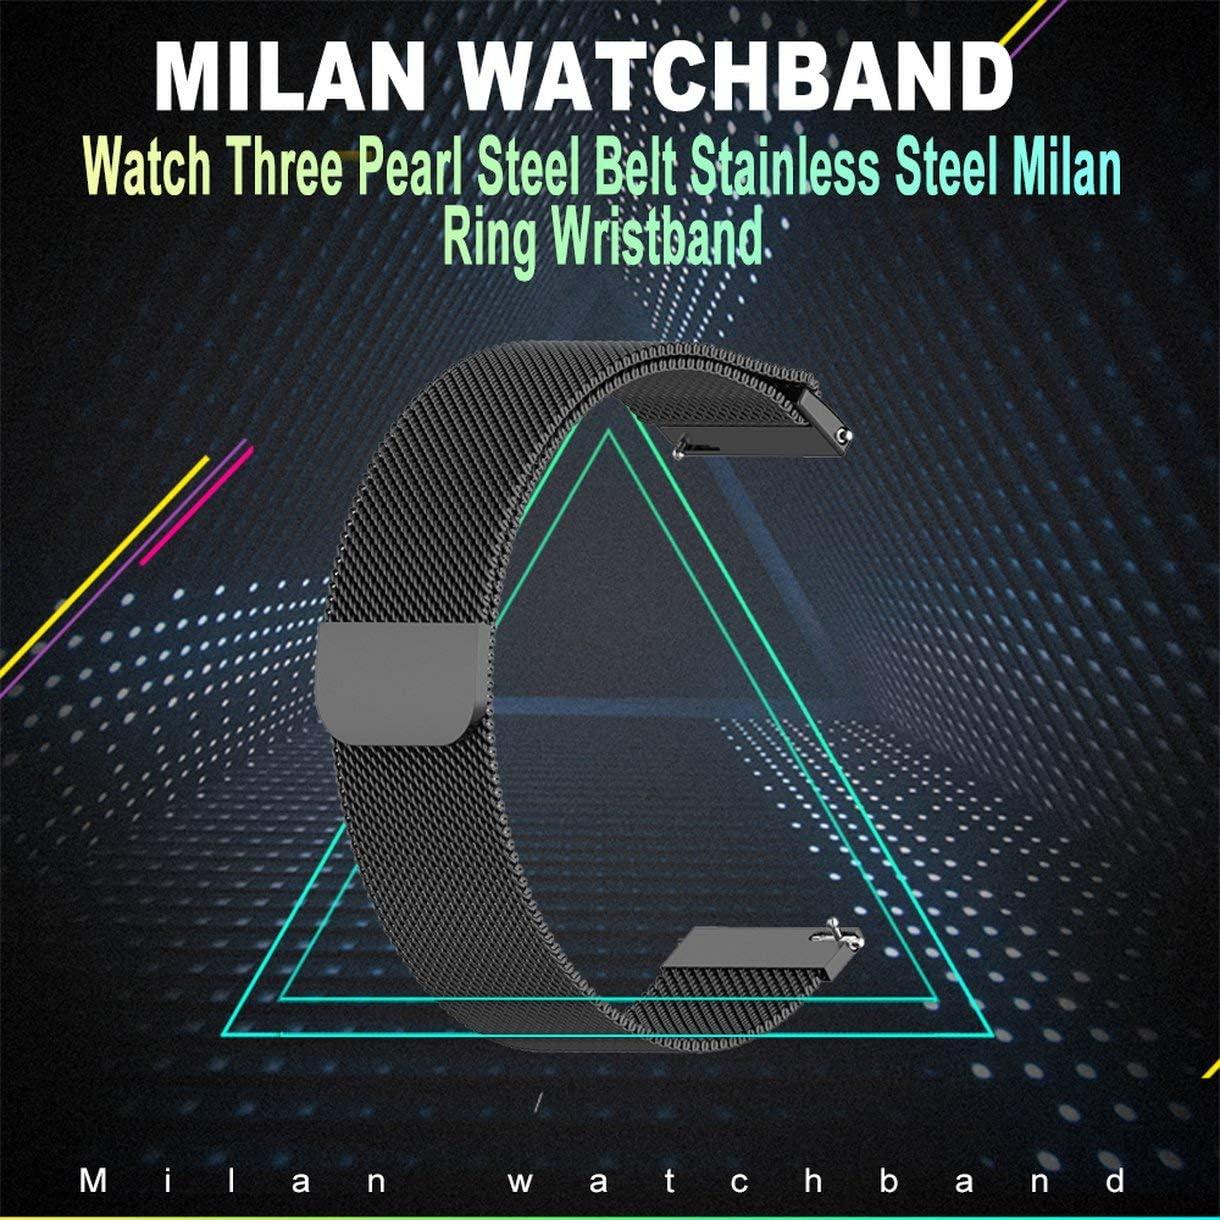 Mazurr Bracelet en Acier Inoxydable en m/étal pour Xiaomi Huami Amazfit GTR 47mm Bracelet Bracelet pour Huami Amazfit Bip BIT Youth Watchband Couleur: Noir